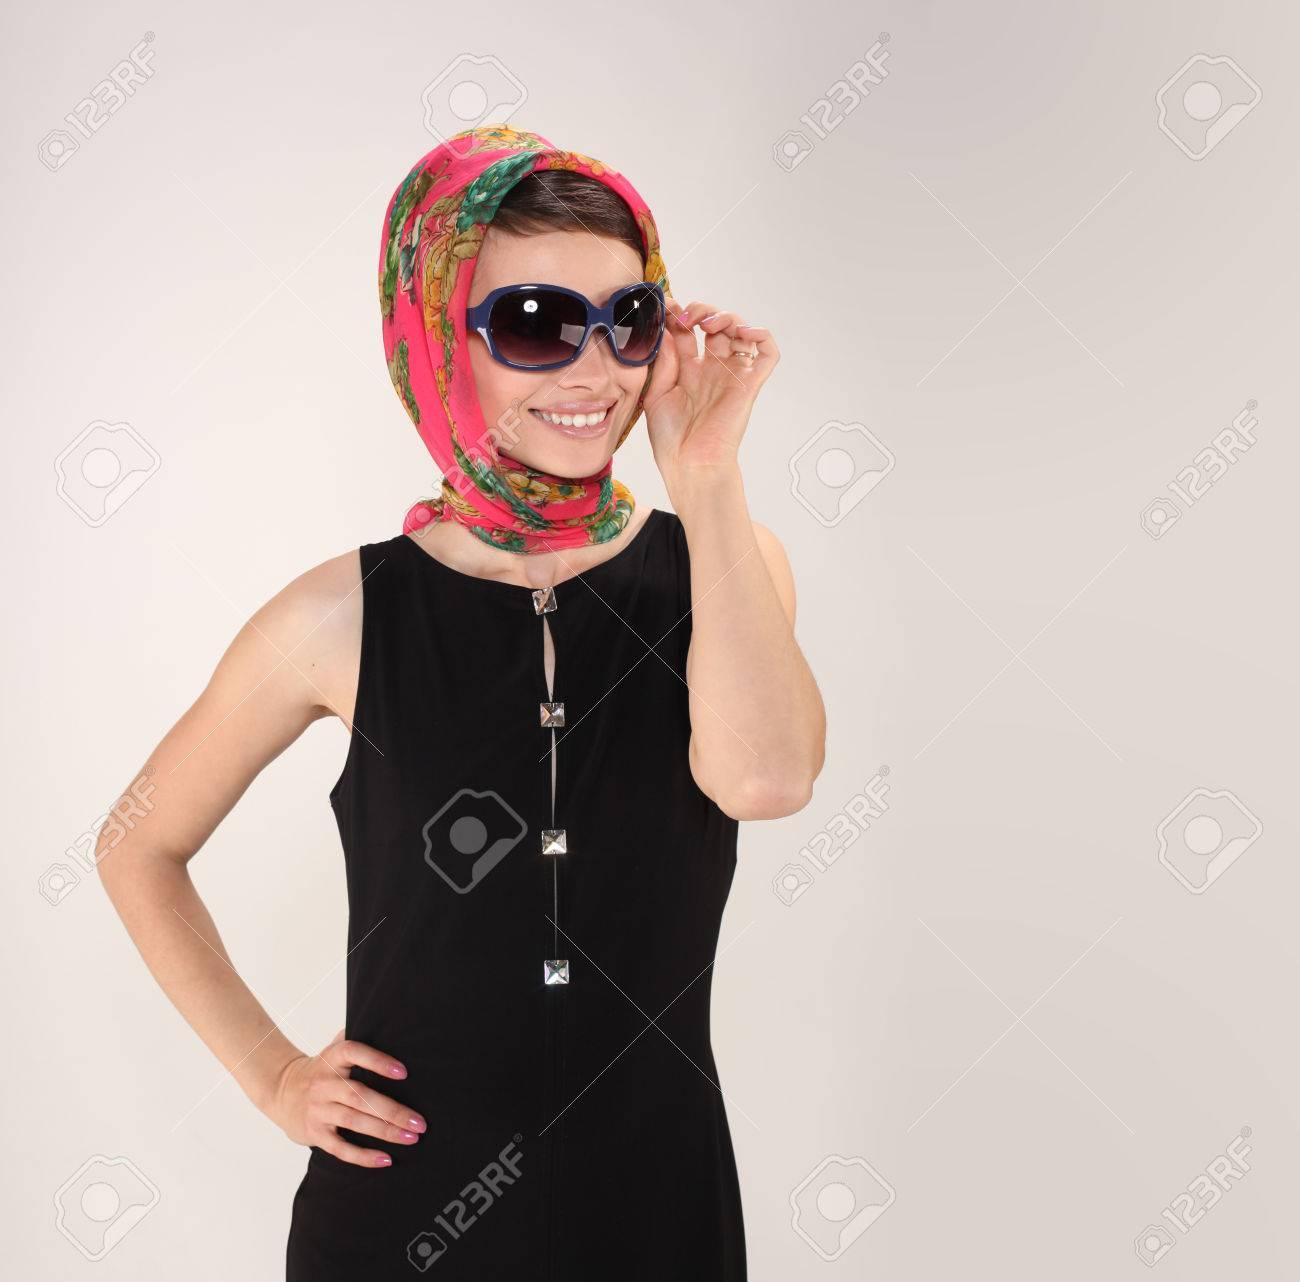 Bella Con Occhiali Immagini E In Stock Retrò Stile Foulard Donna y7gvbf6Y